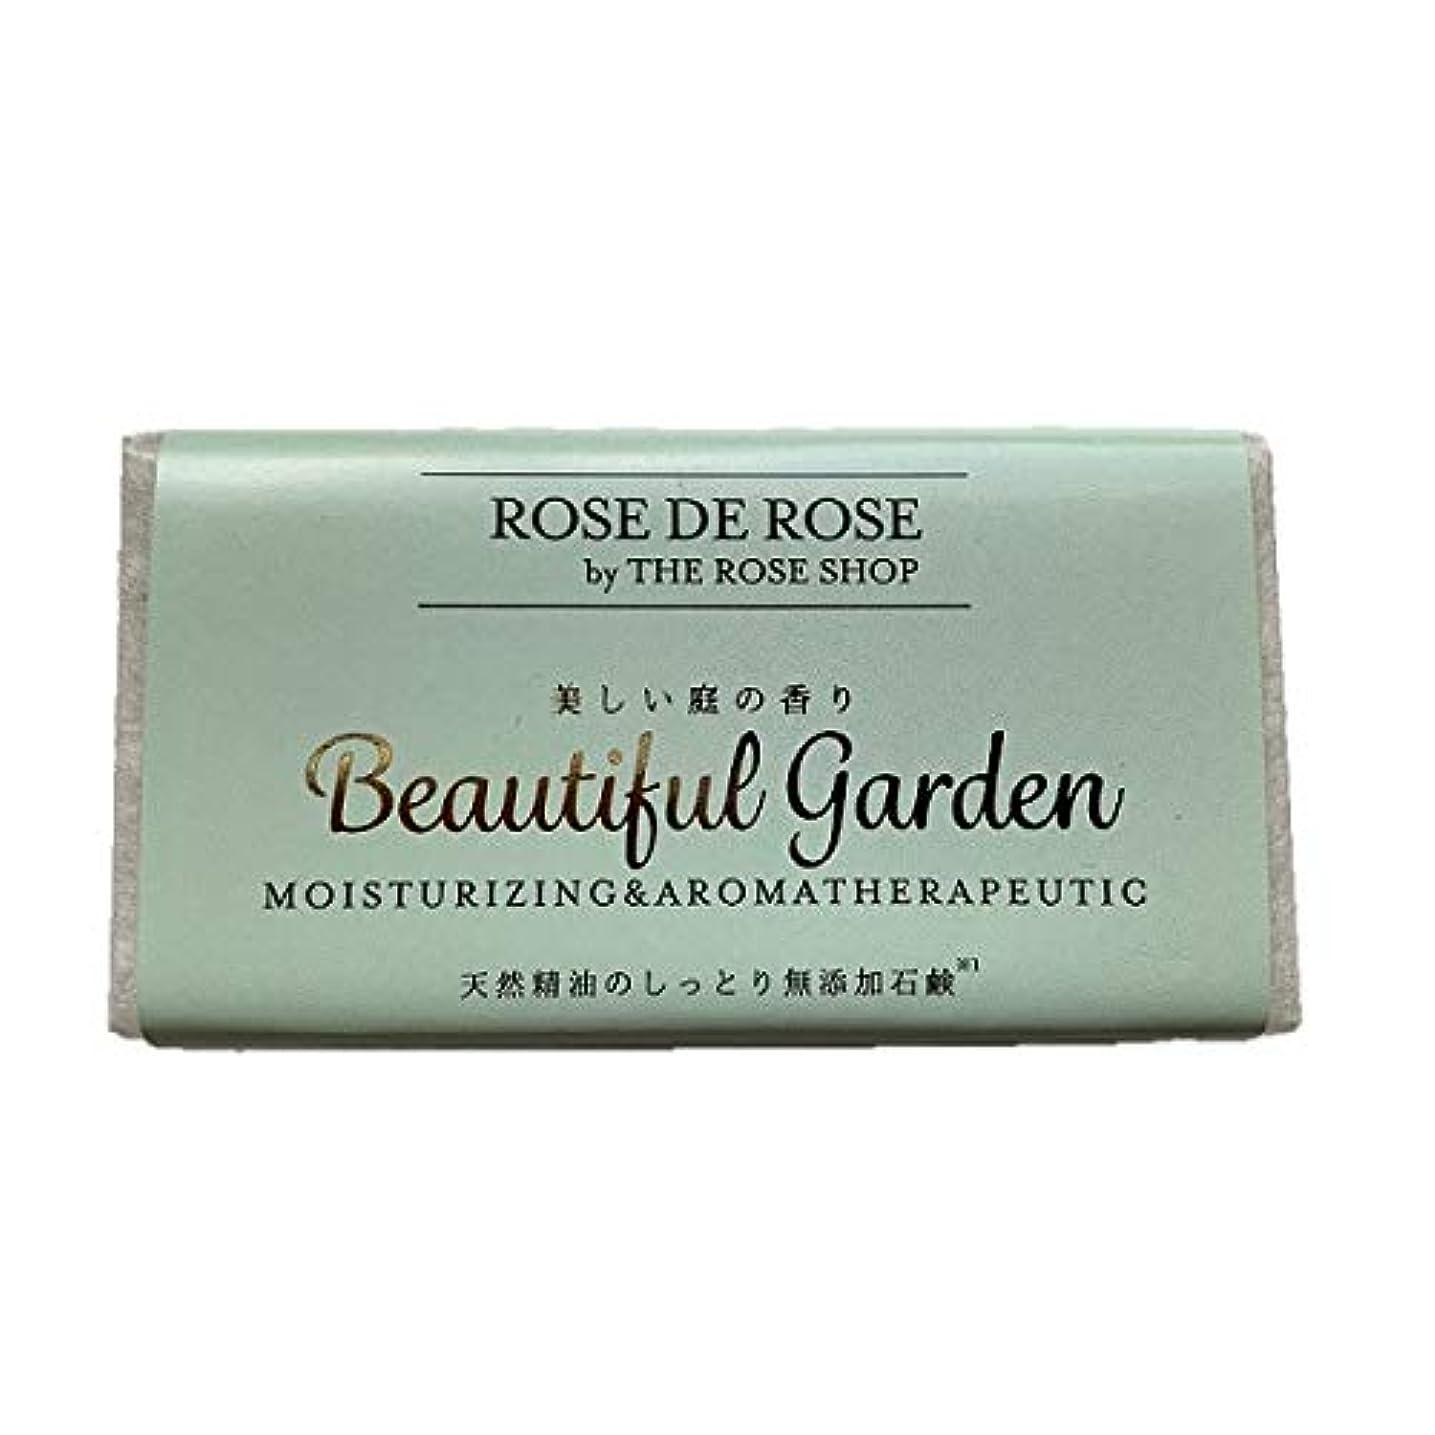 過度に煙キャメル天然精油の無添加石鹸 「美しい庭の香り ビューティフルガーデン」2個セット